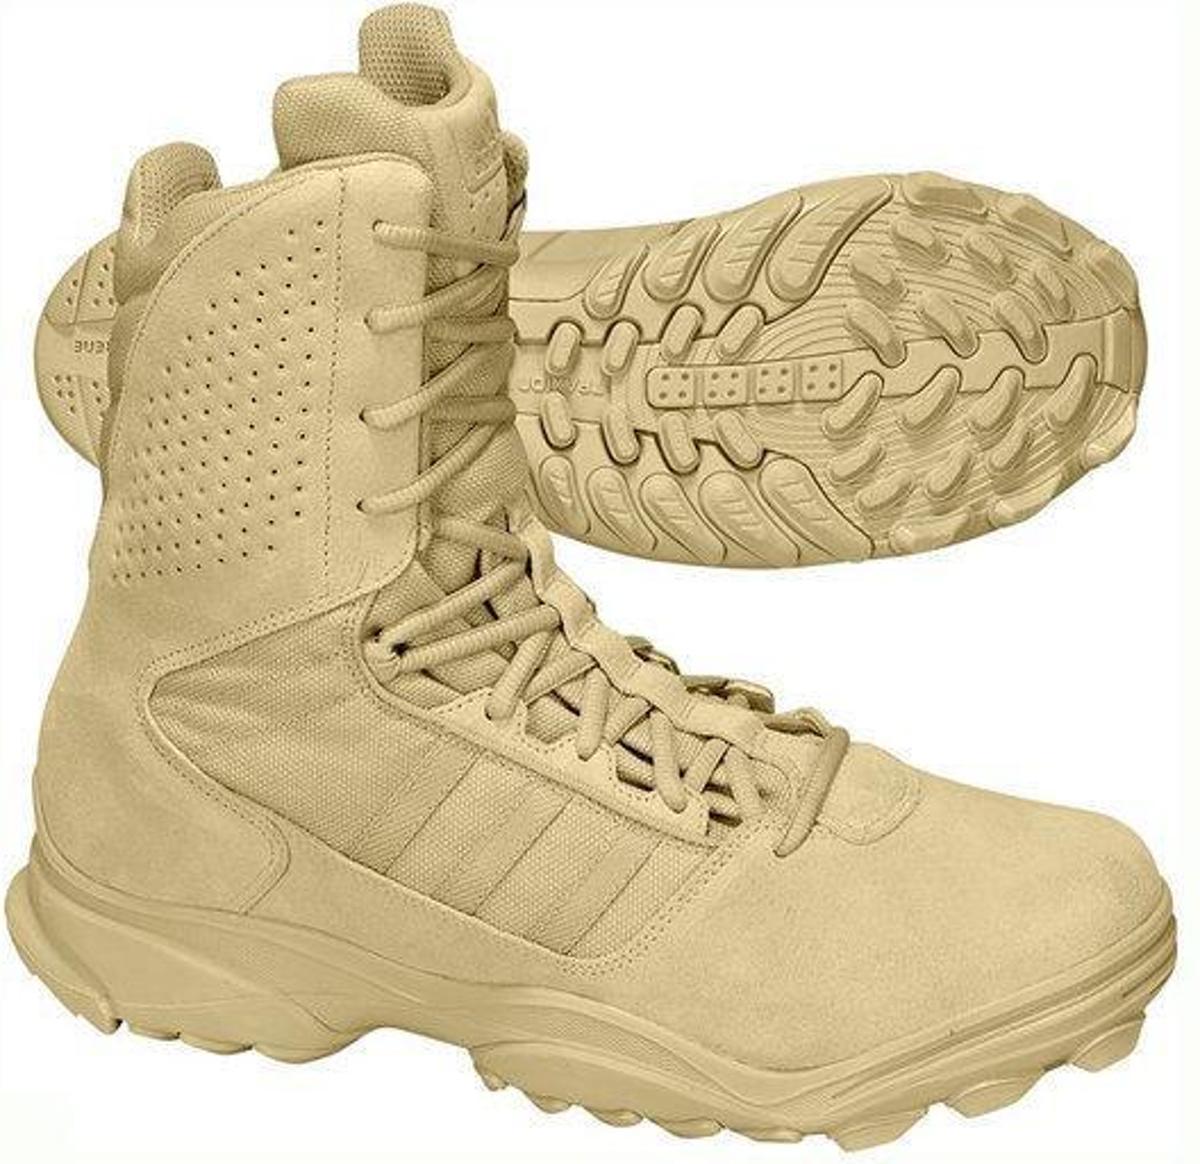 quality design 26372 54f9d bol.com  adidas GSG 9.3 Desert Hi - Wandelschoenen - Mannen - Maat 42.5 -  Bruin